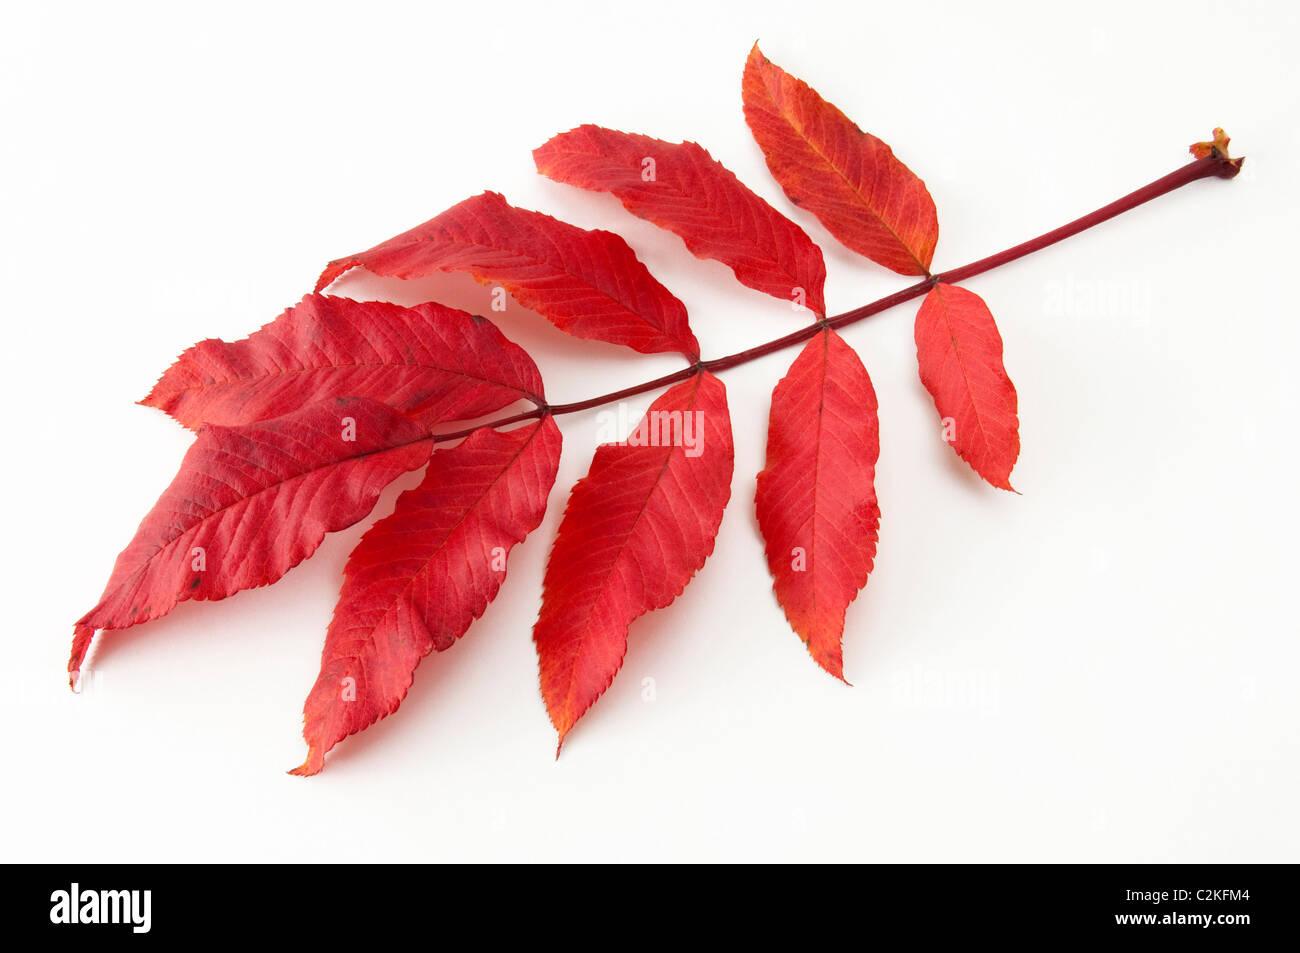 Rowan, sorbier (Sorbus aucuparia), feuille d'automne. Studio photo sur un fond blanc. Photo Stock